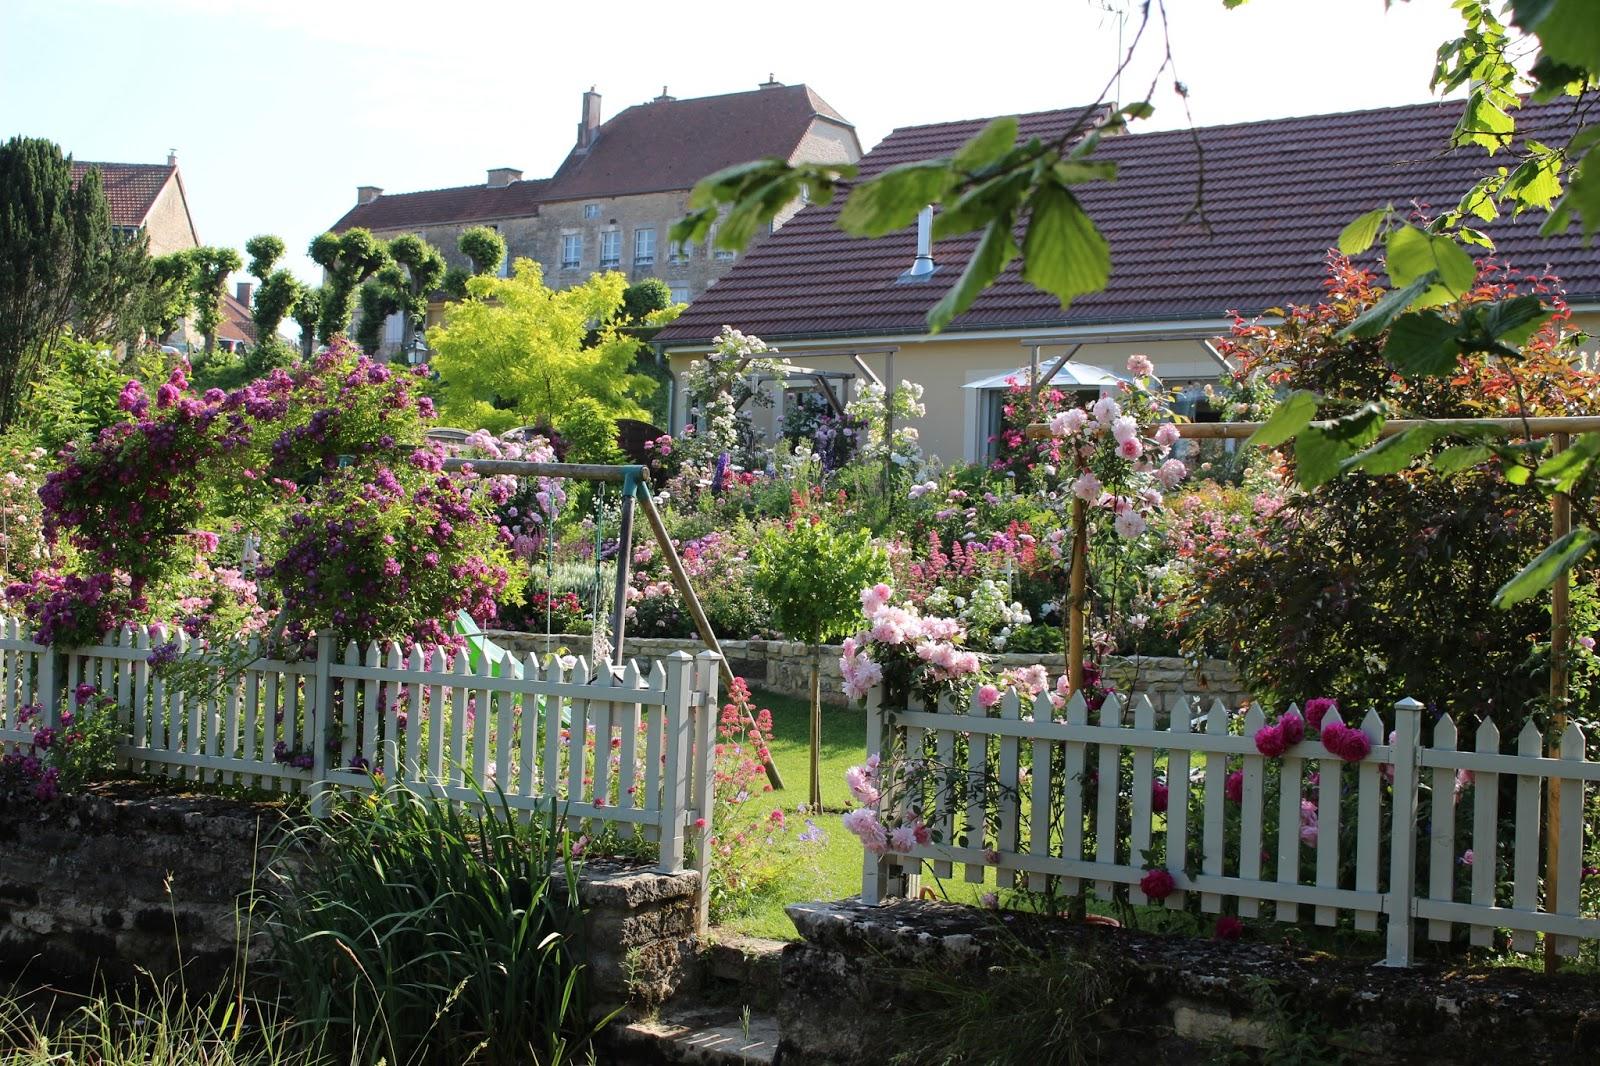 Notre jardin secret.: Autre vision du jardin